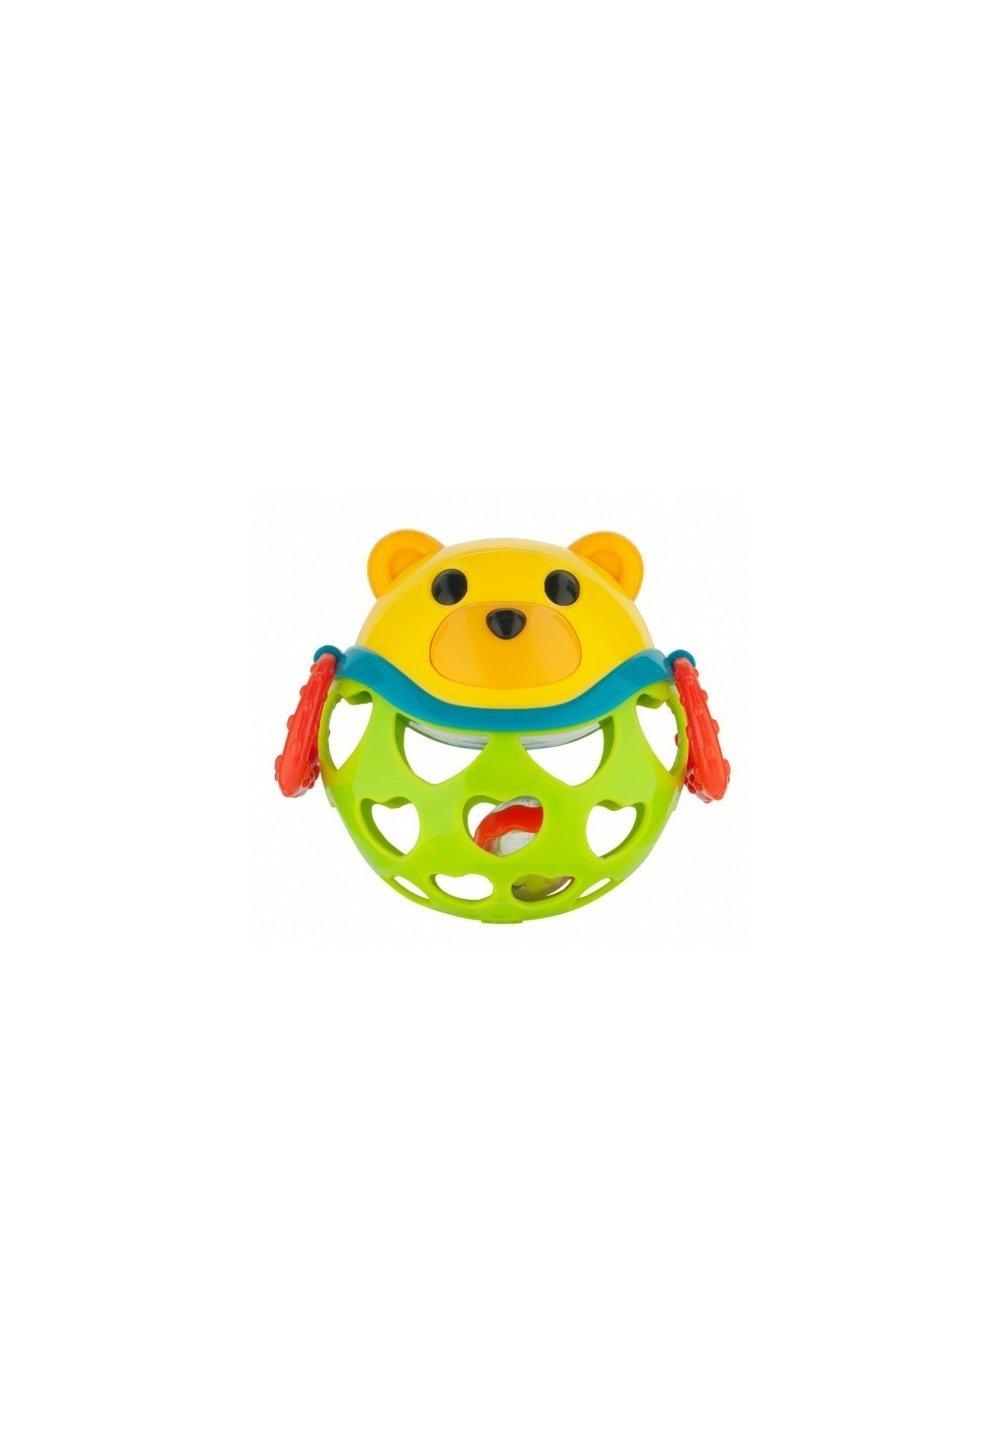 Jucarie interactiva cu sunatoare, ursulet verde imagine